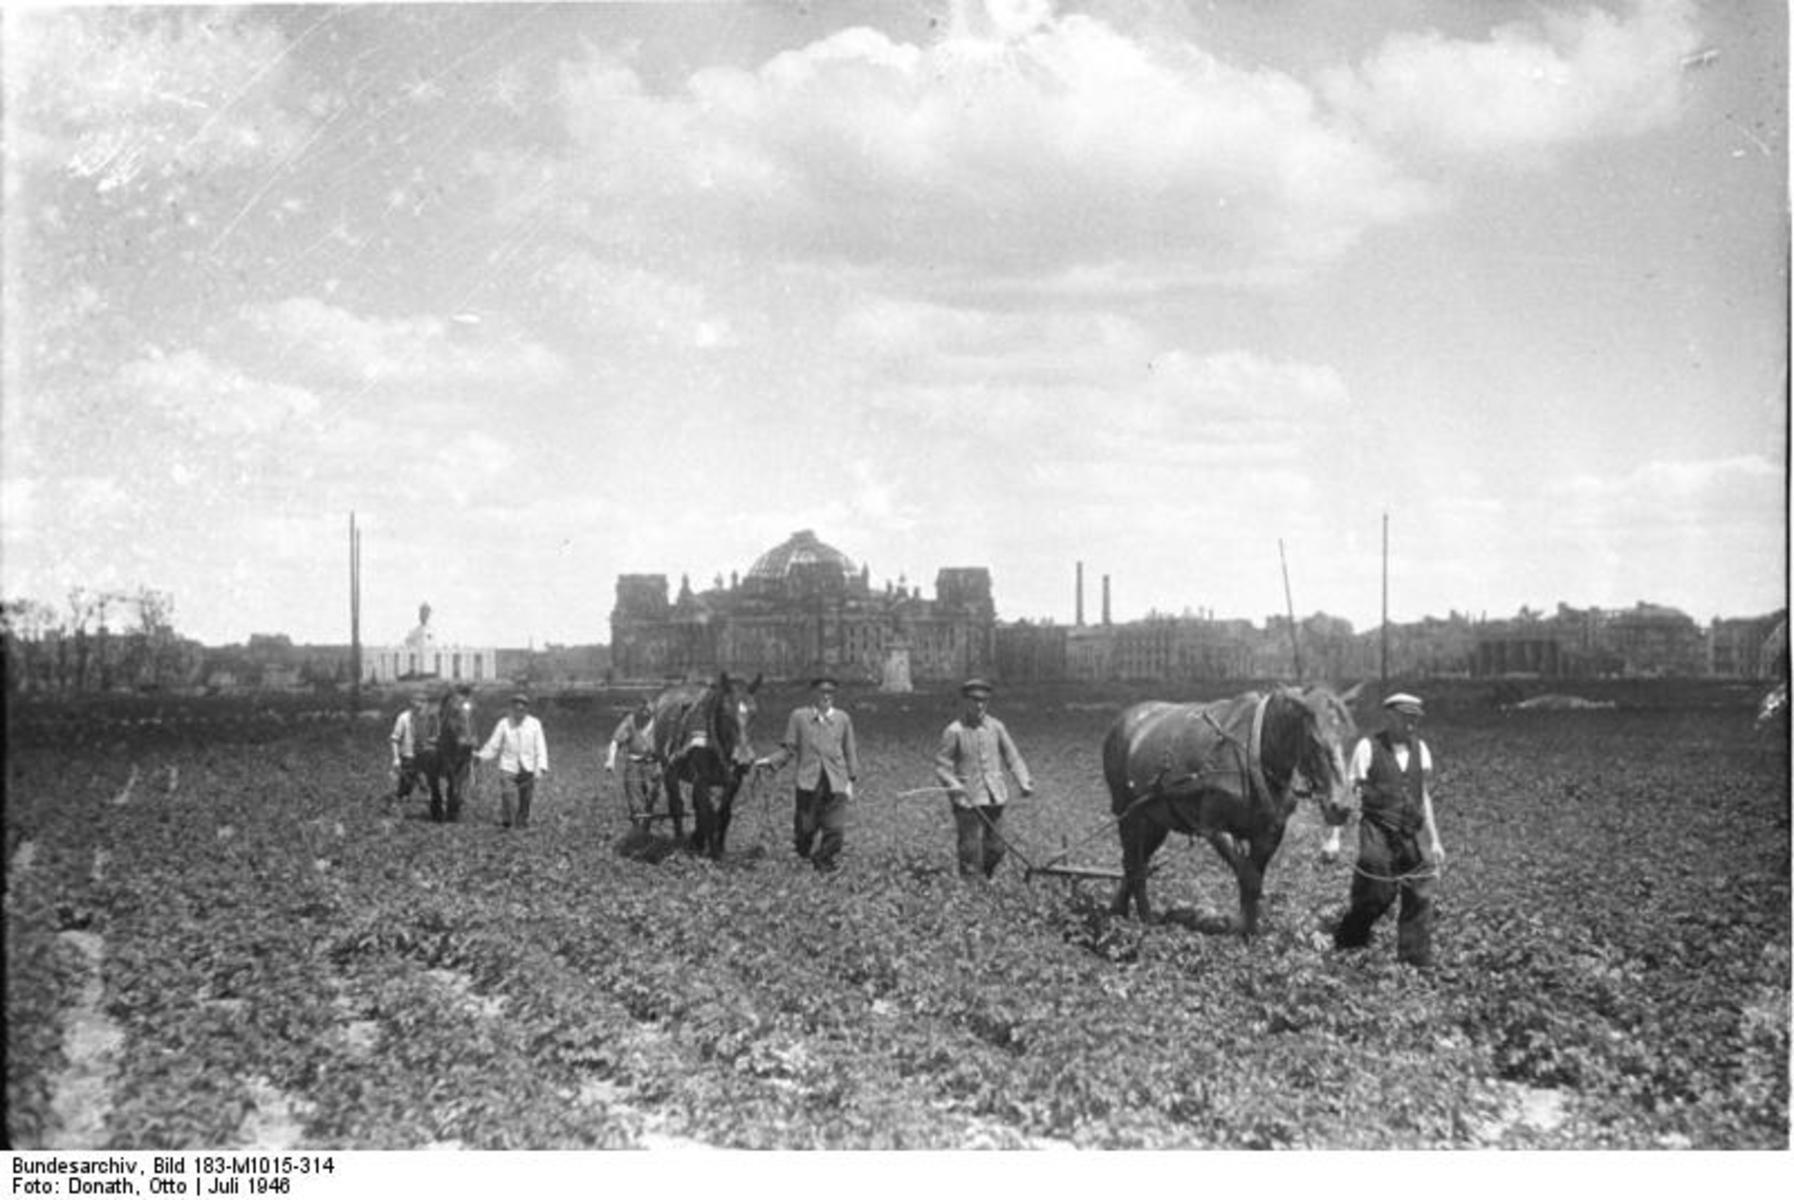 Bundesarchiv_Bild_183-M1015-314,_Berlin,_baumloser_Tiergarten.jpg